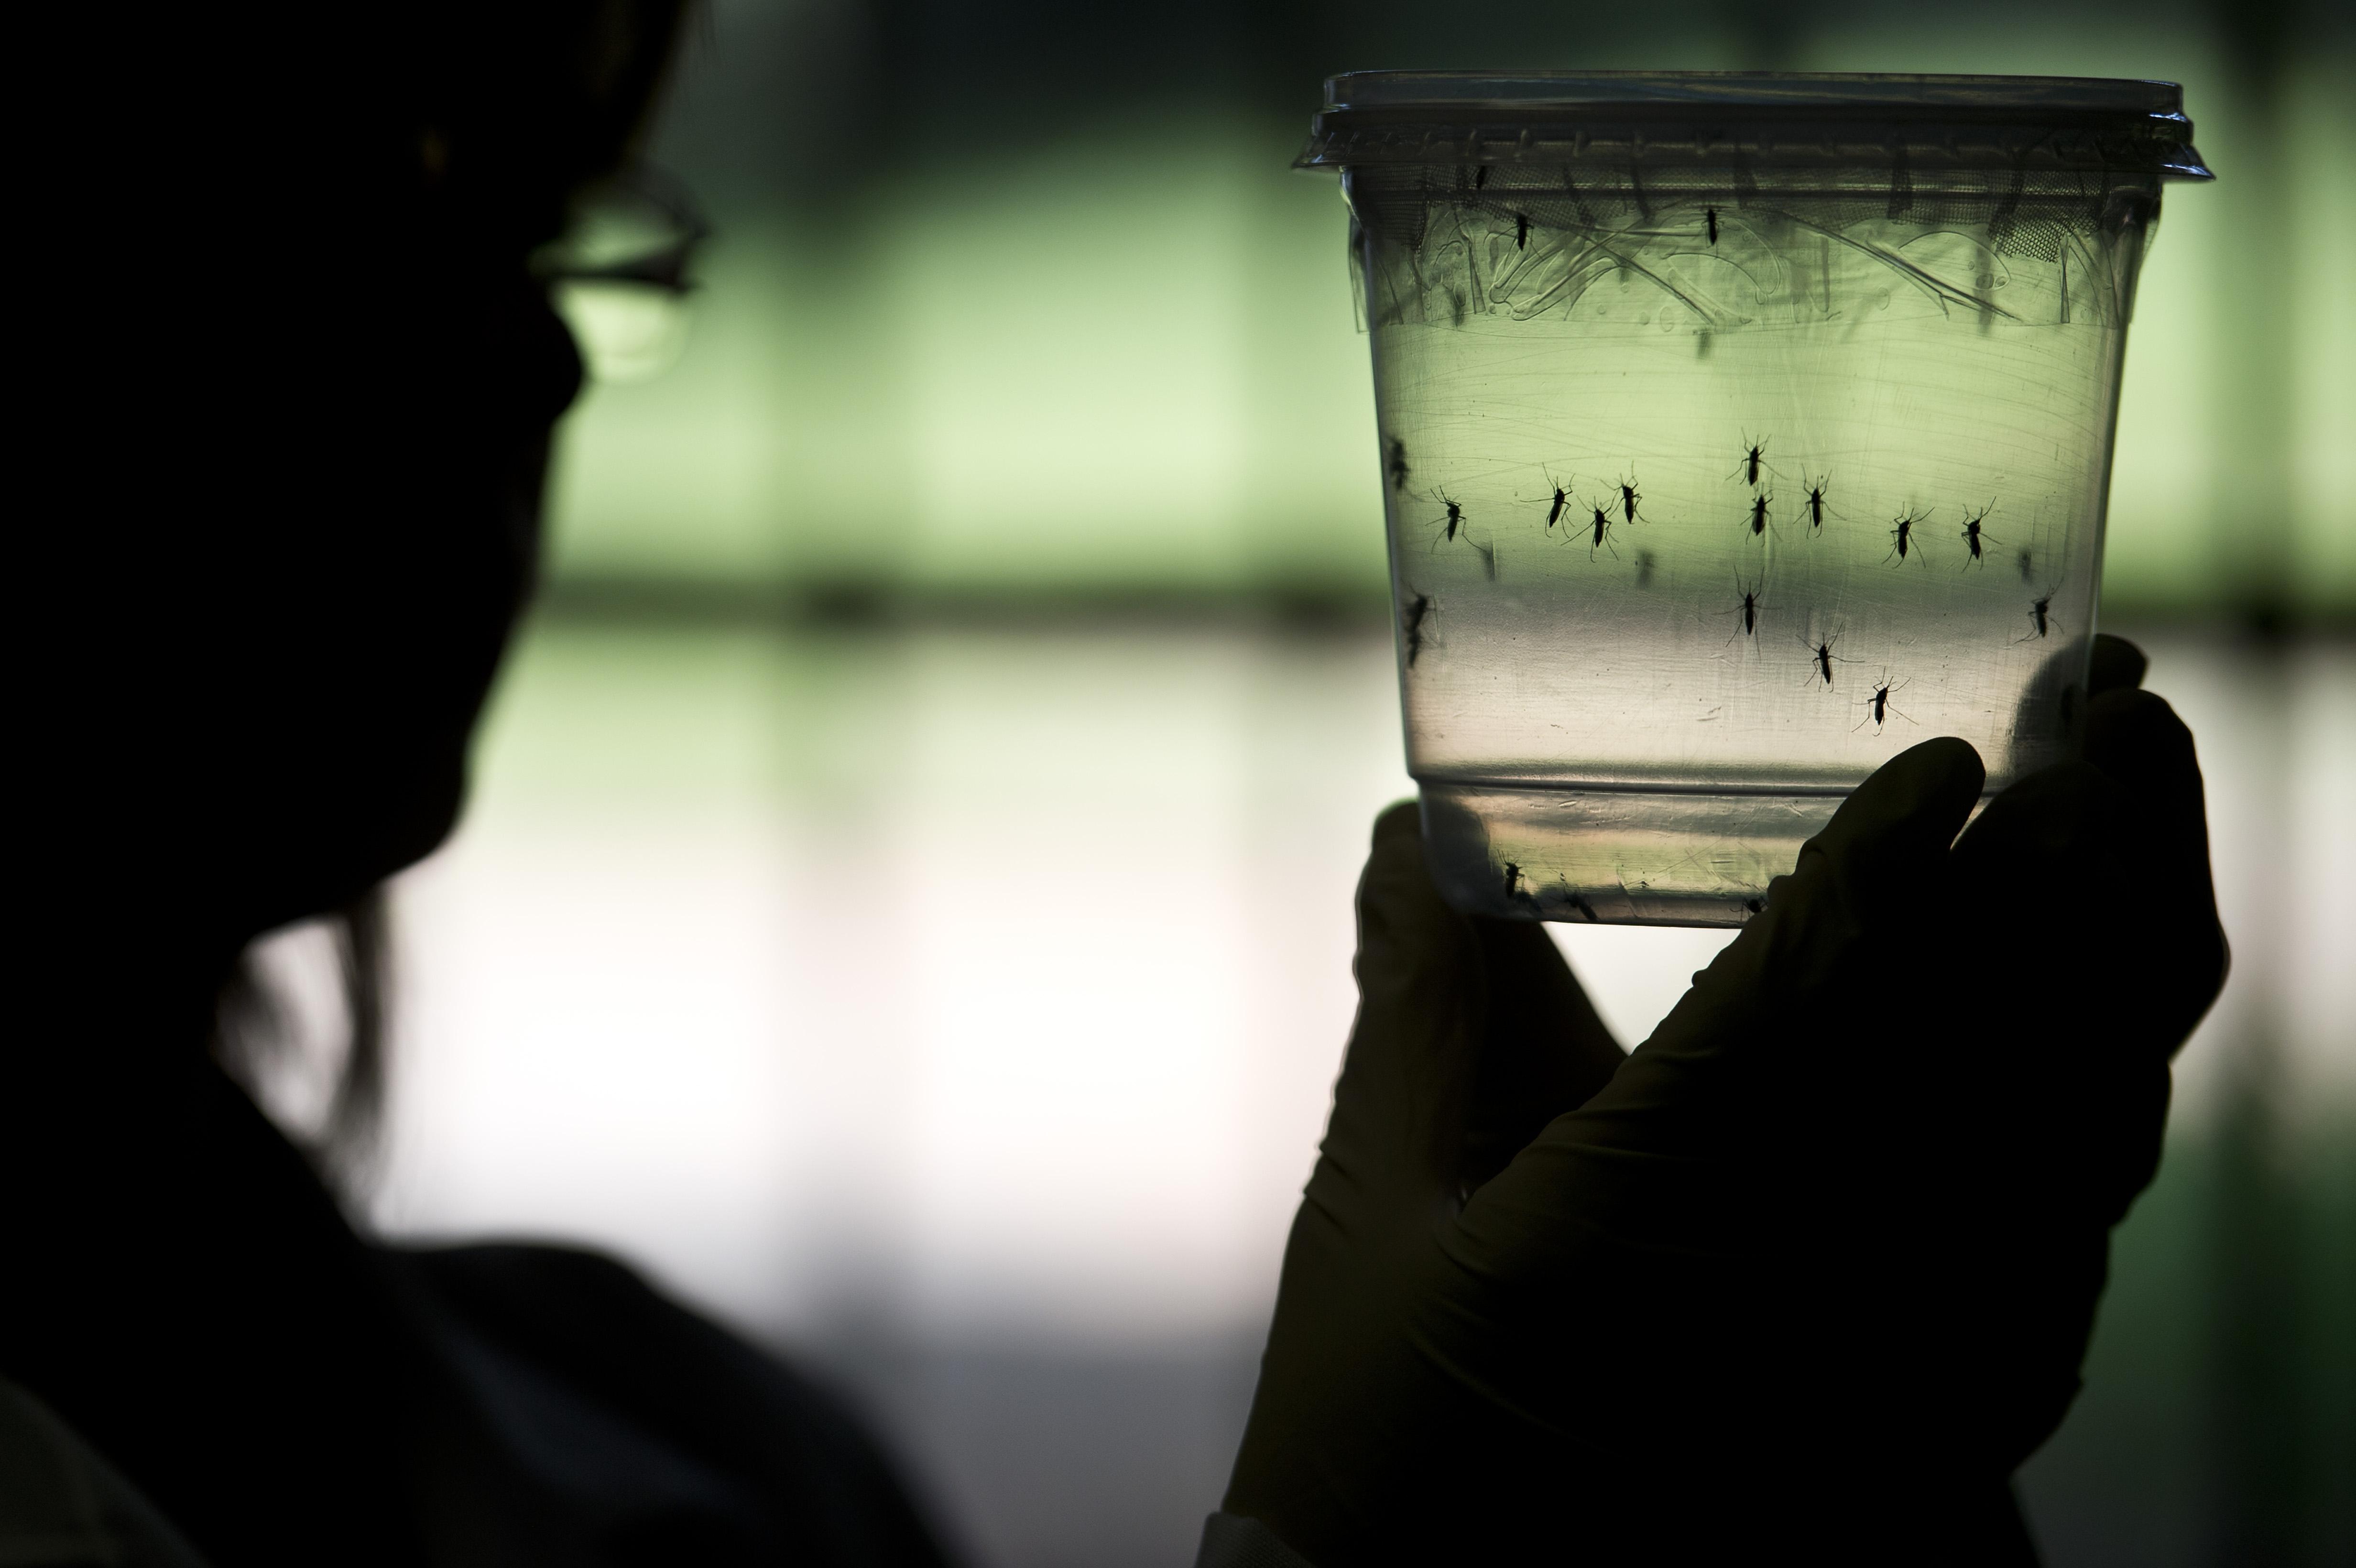 El profesor Fergurson, científico del Imperial College de Londres, apuntó que cualquier esfuerzo para tratar de detener la trasmisión del virus podría, por el contrario, ser contraproducente.